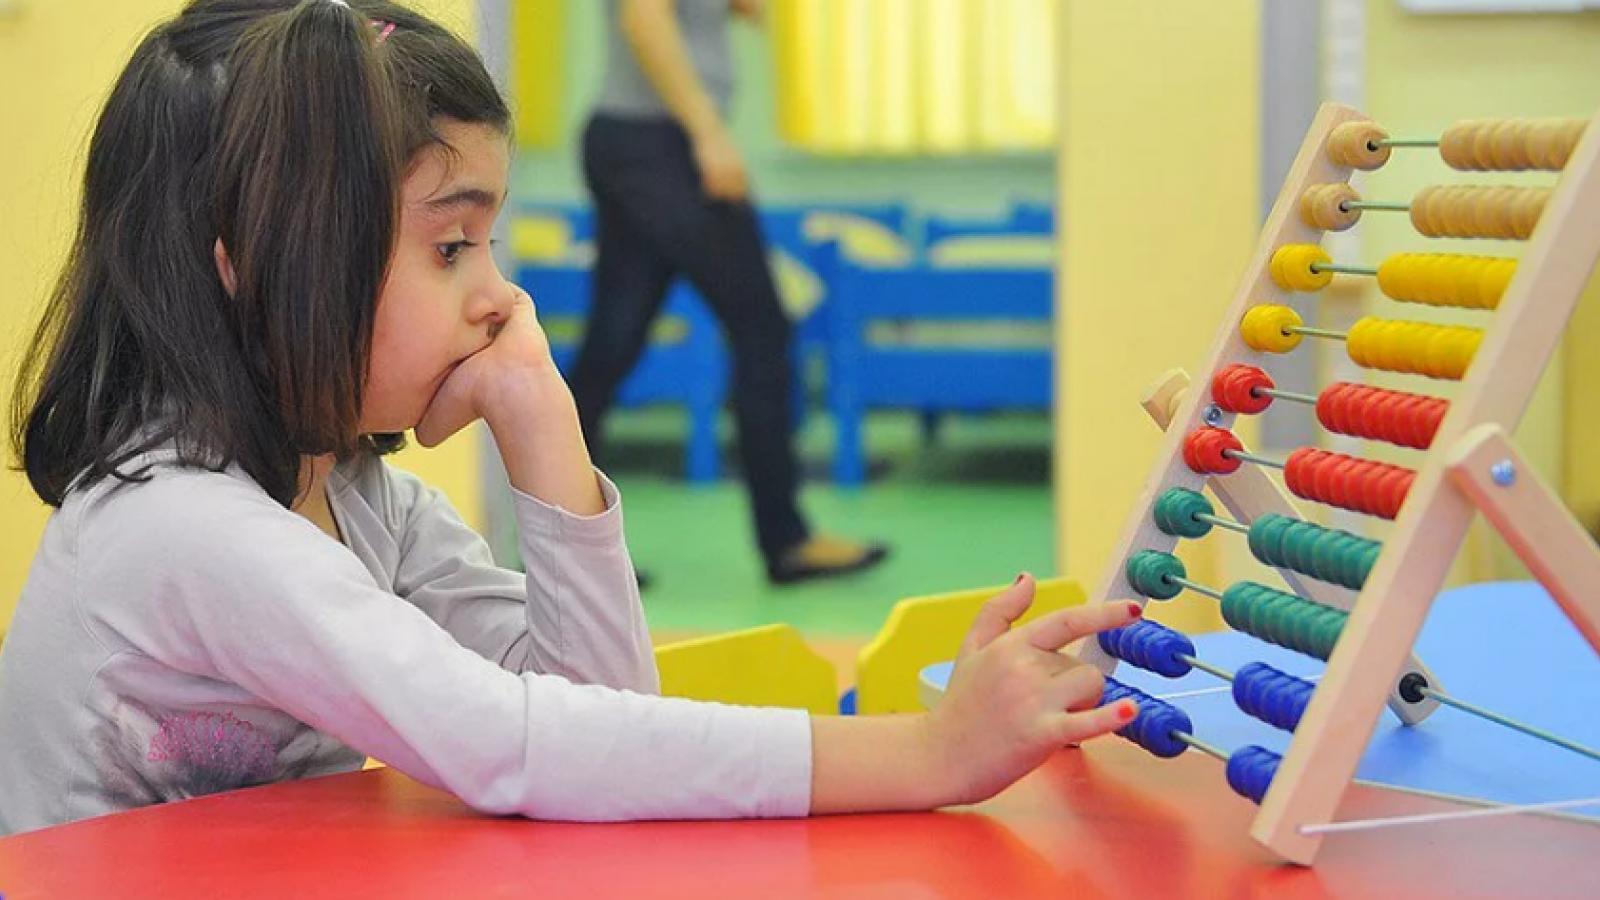 Администрацию детского сада в Вологде обвиняют в незаконных поборах